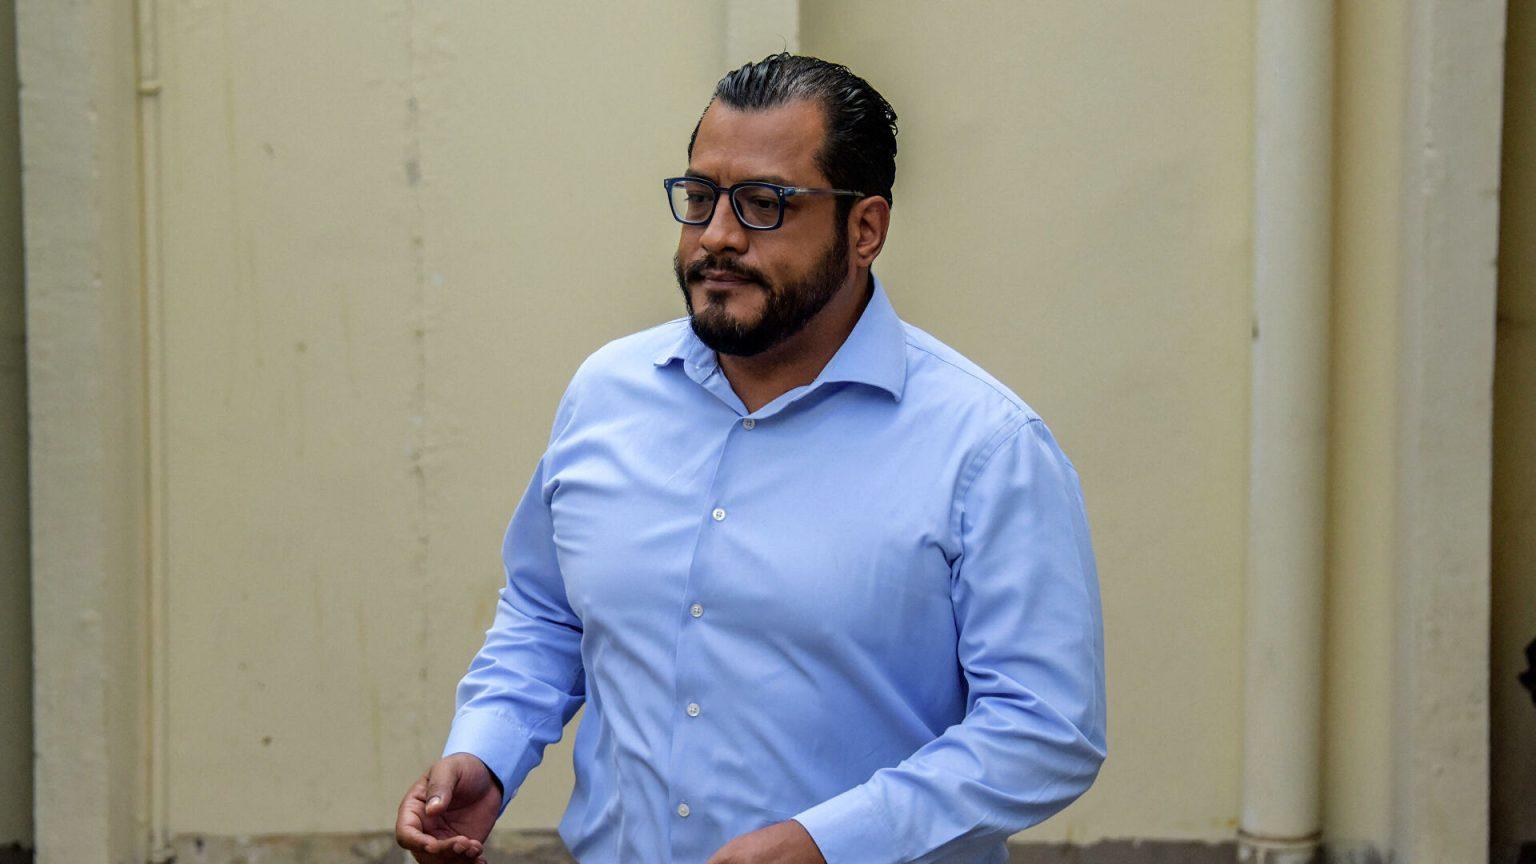 EEUU expresó preocupación por la detención de otro dirigente opositor en Nicaragua